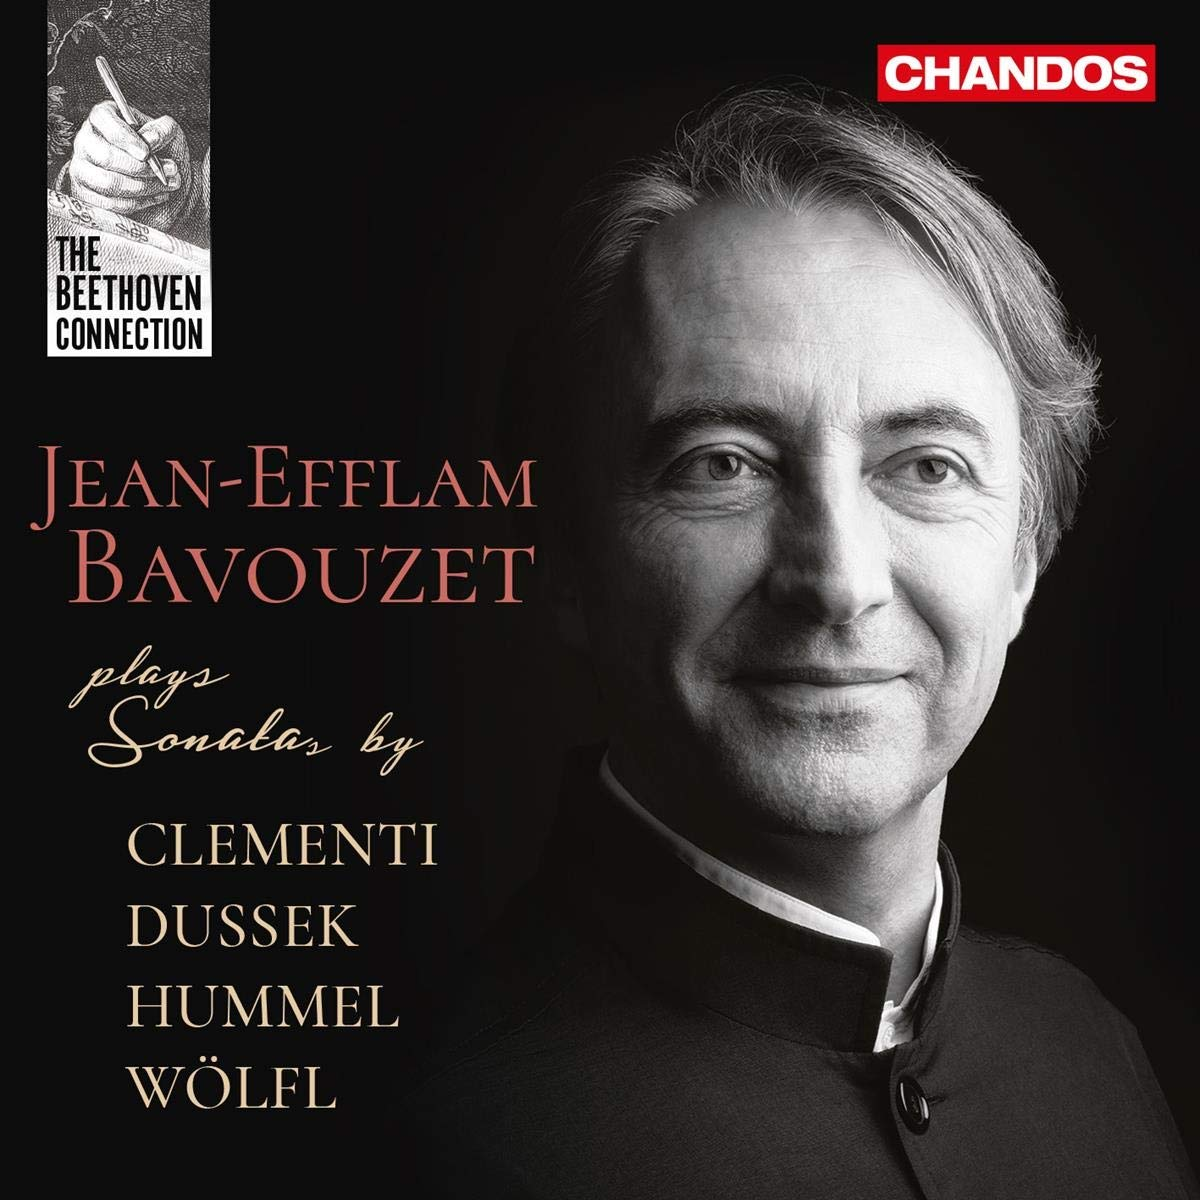 Le clavier entre CPE Bach et Beethoven  71cfhh10